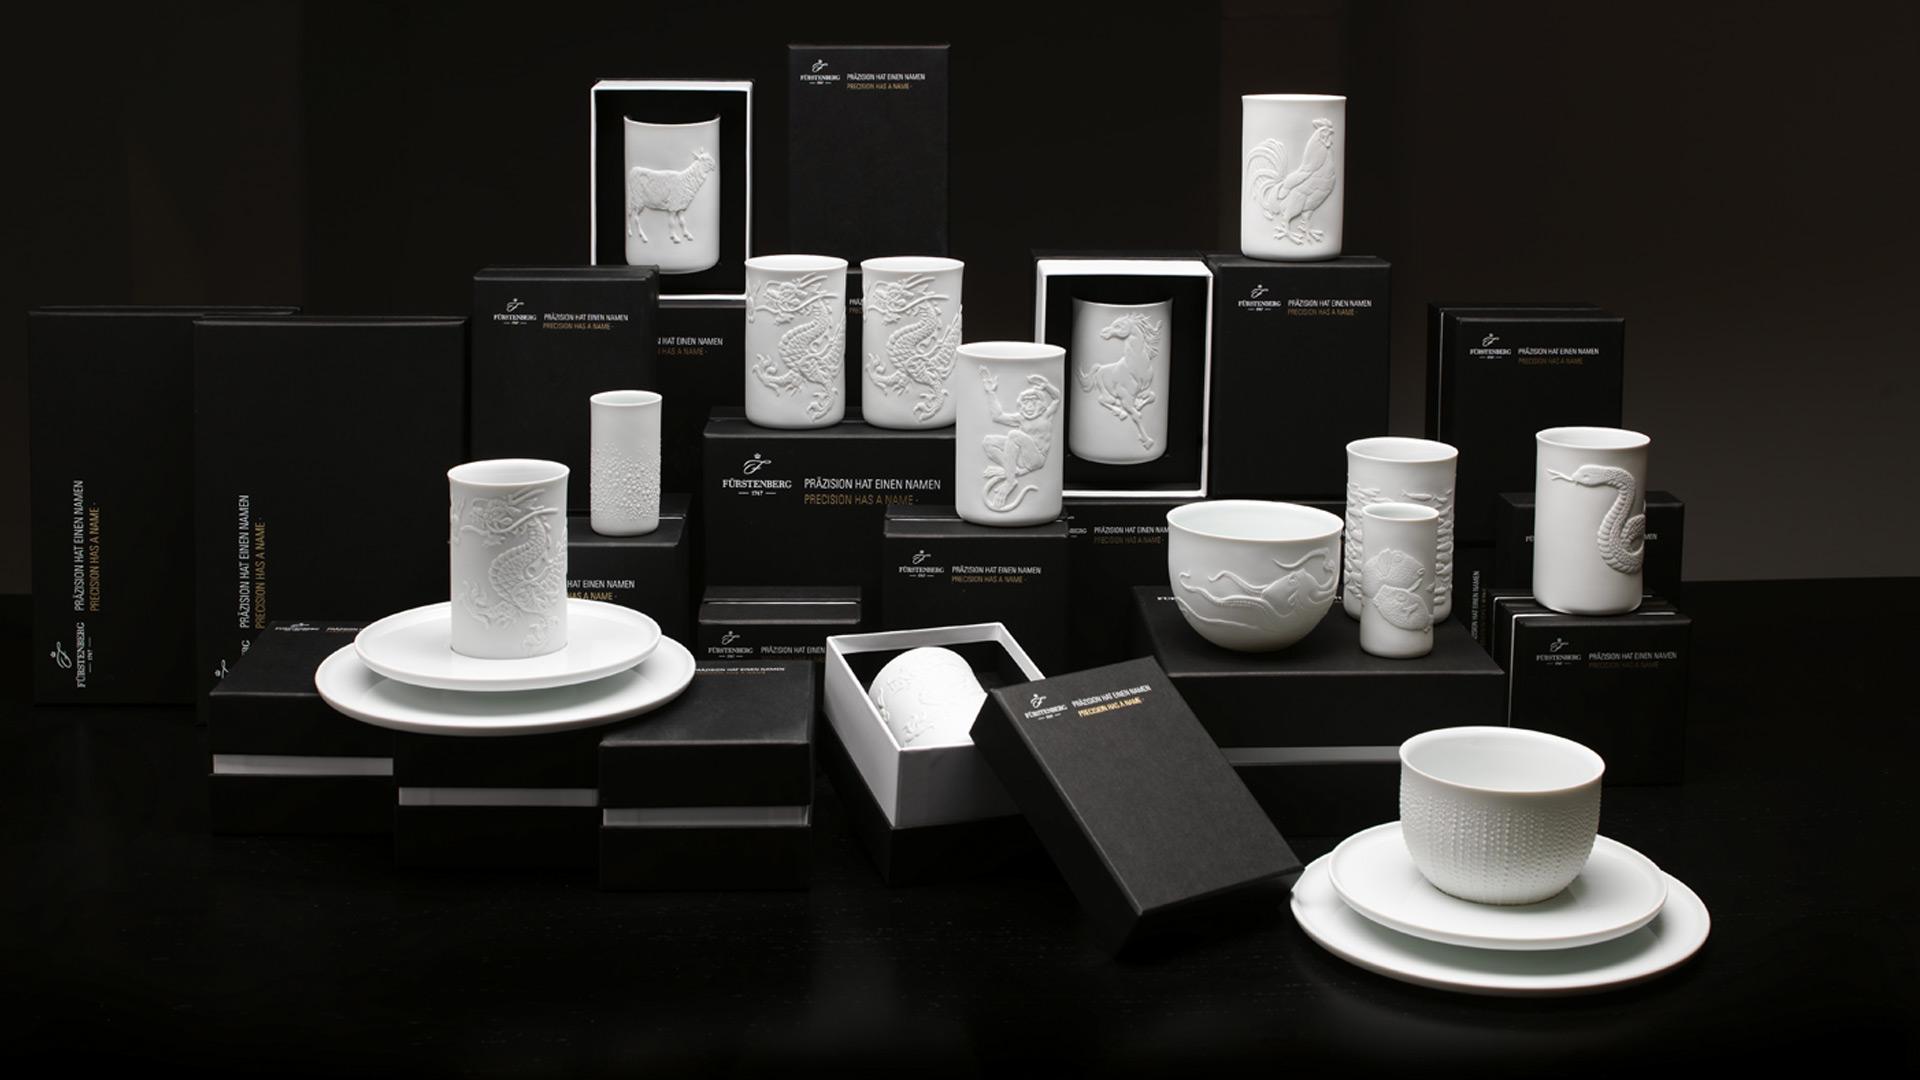 edel porzellan nach ihrem tierkreiszeichen f rstenberg. Black Bedroom Furniture Sets. Home Design Ideas